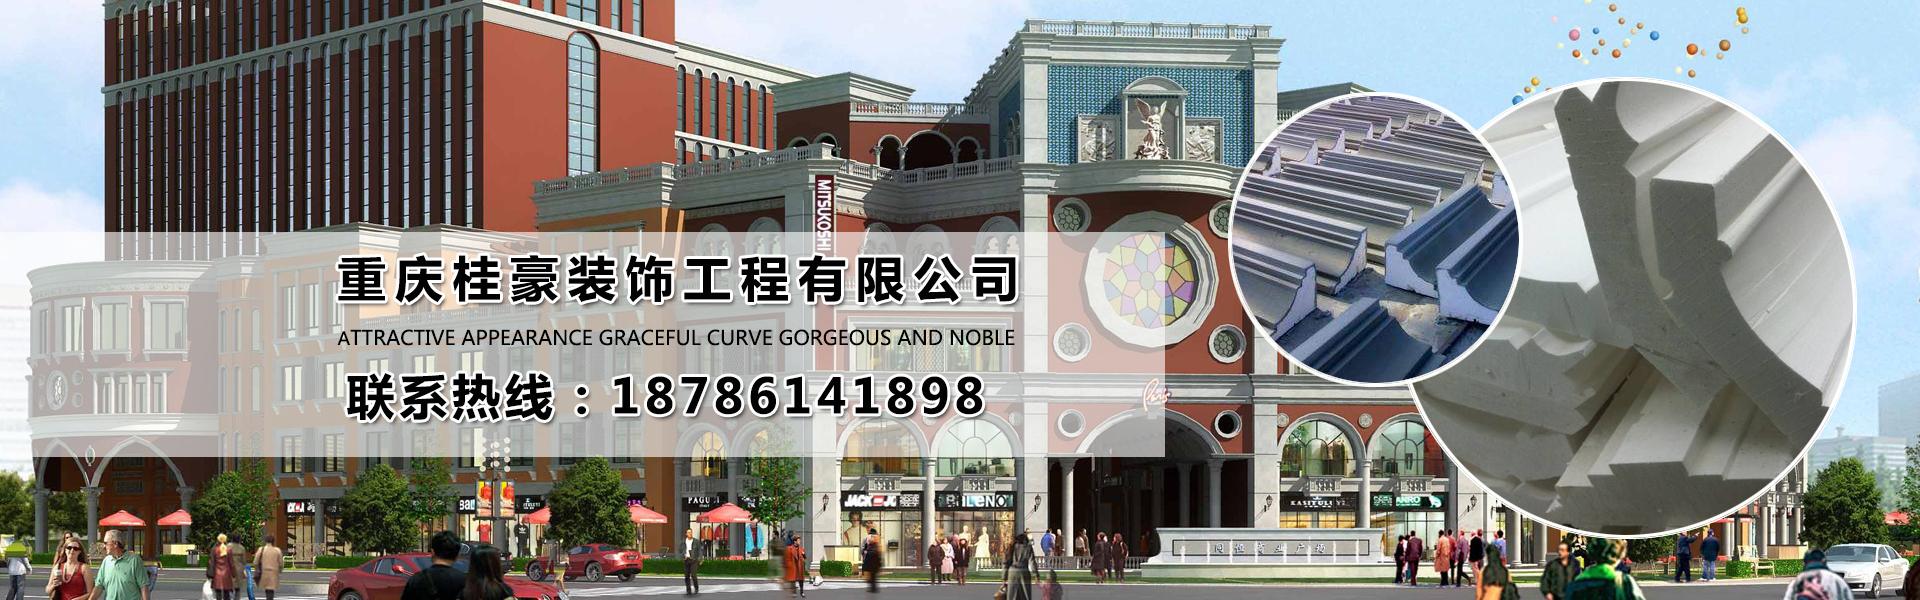 重庆桂豪装饰产品广泛用于欧式别墅、高层建筑、酒店等一系列外墙装饰